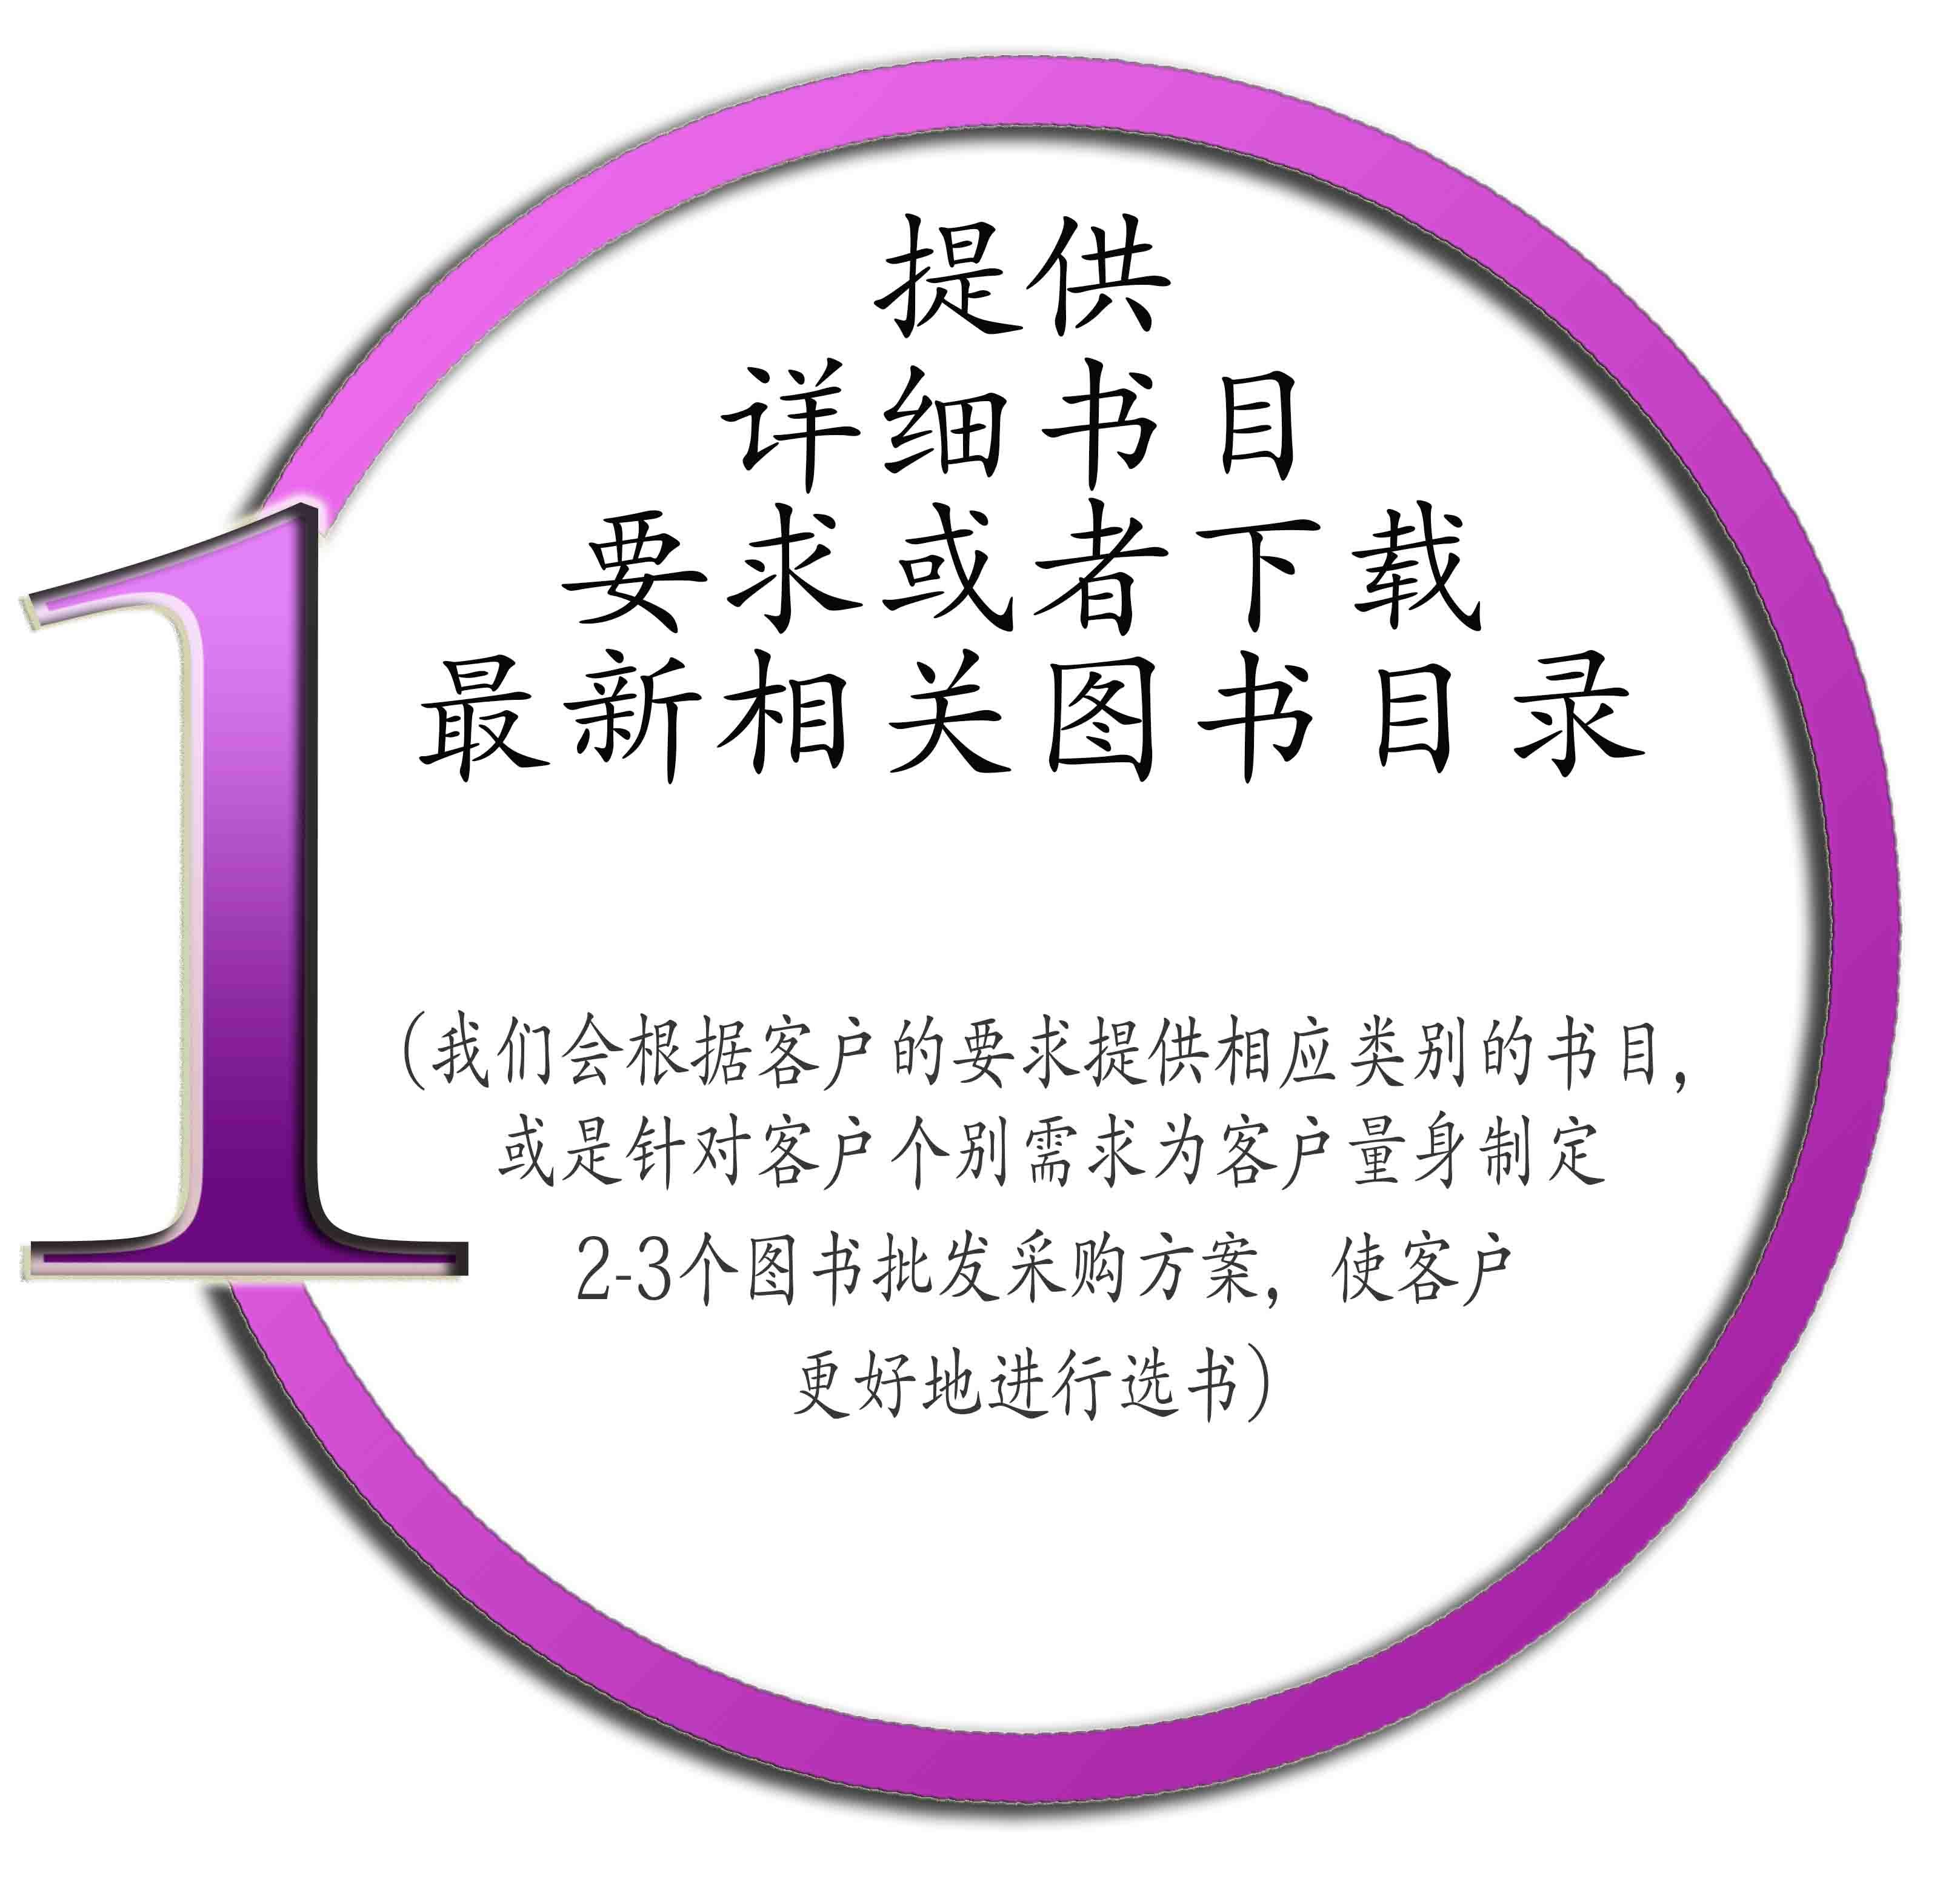 天道社会结构图